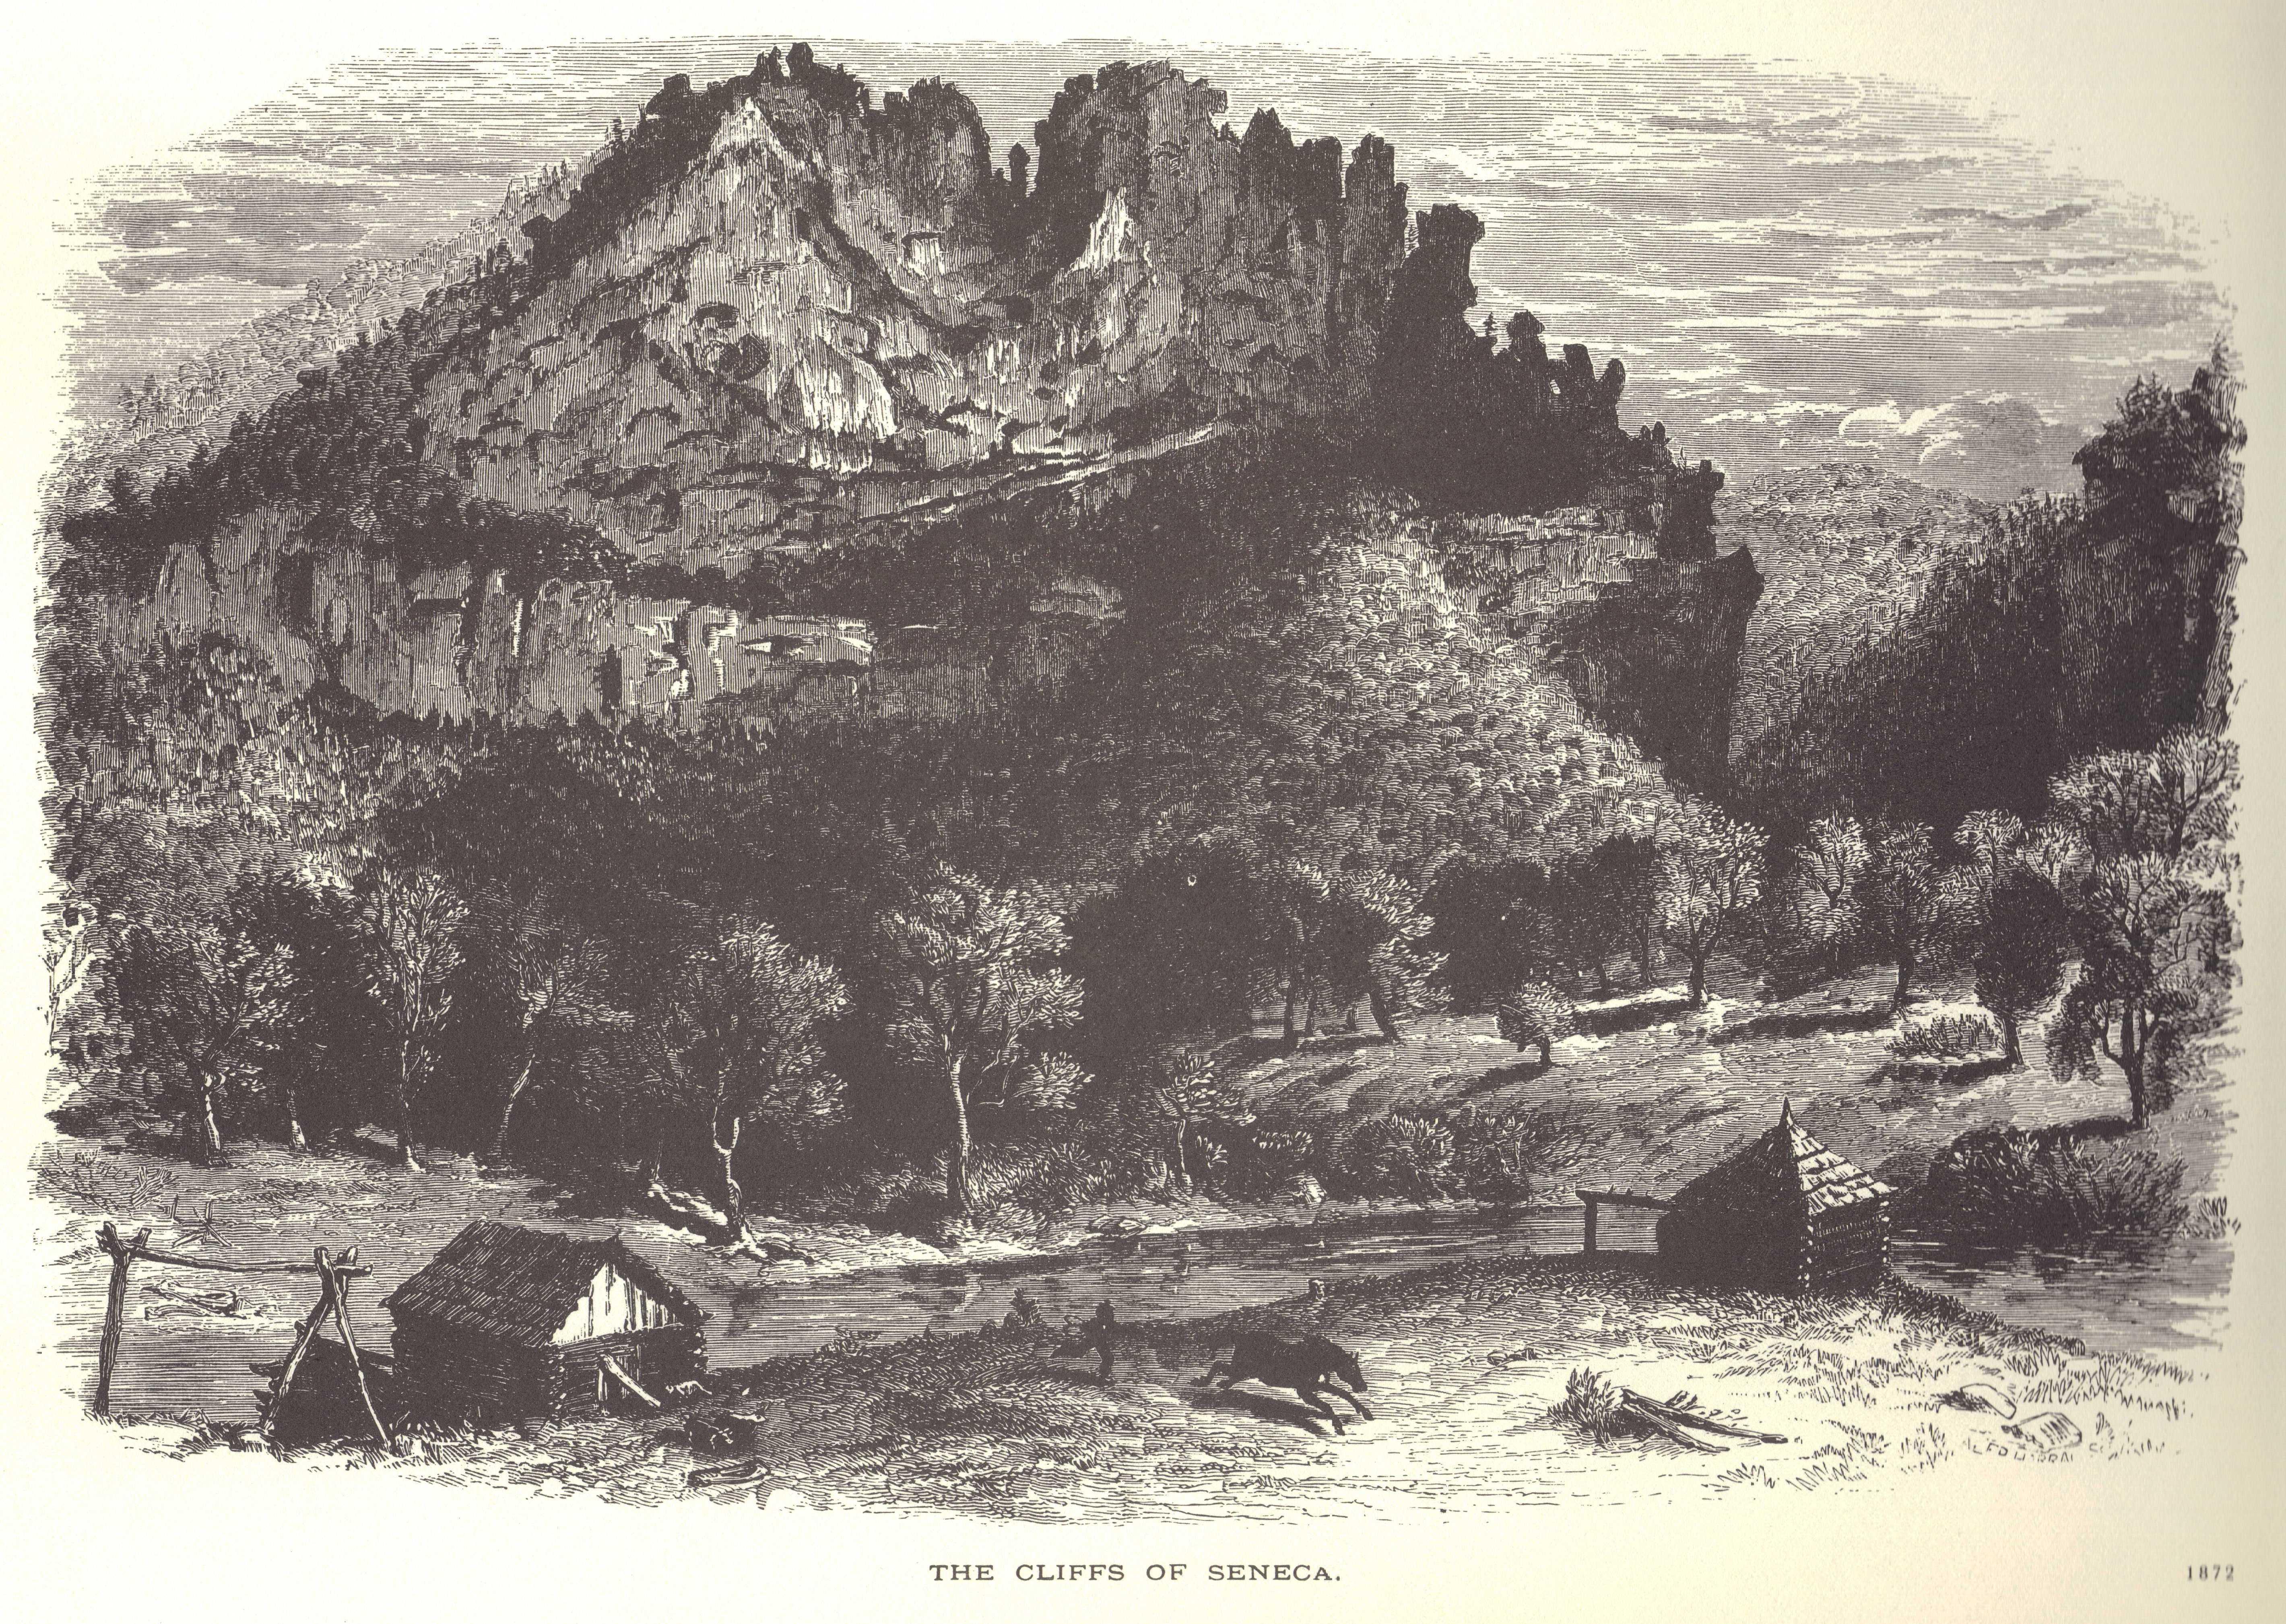 the cliffs of seneca.jpg